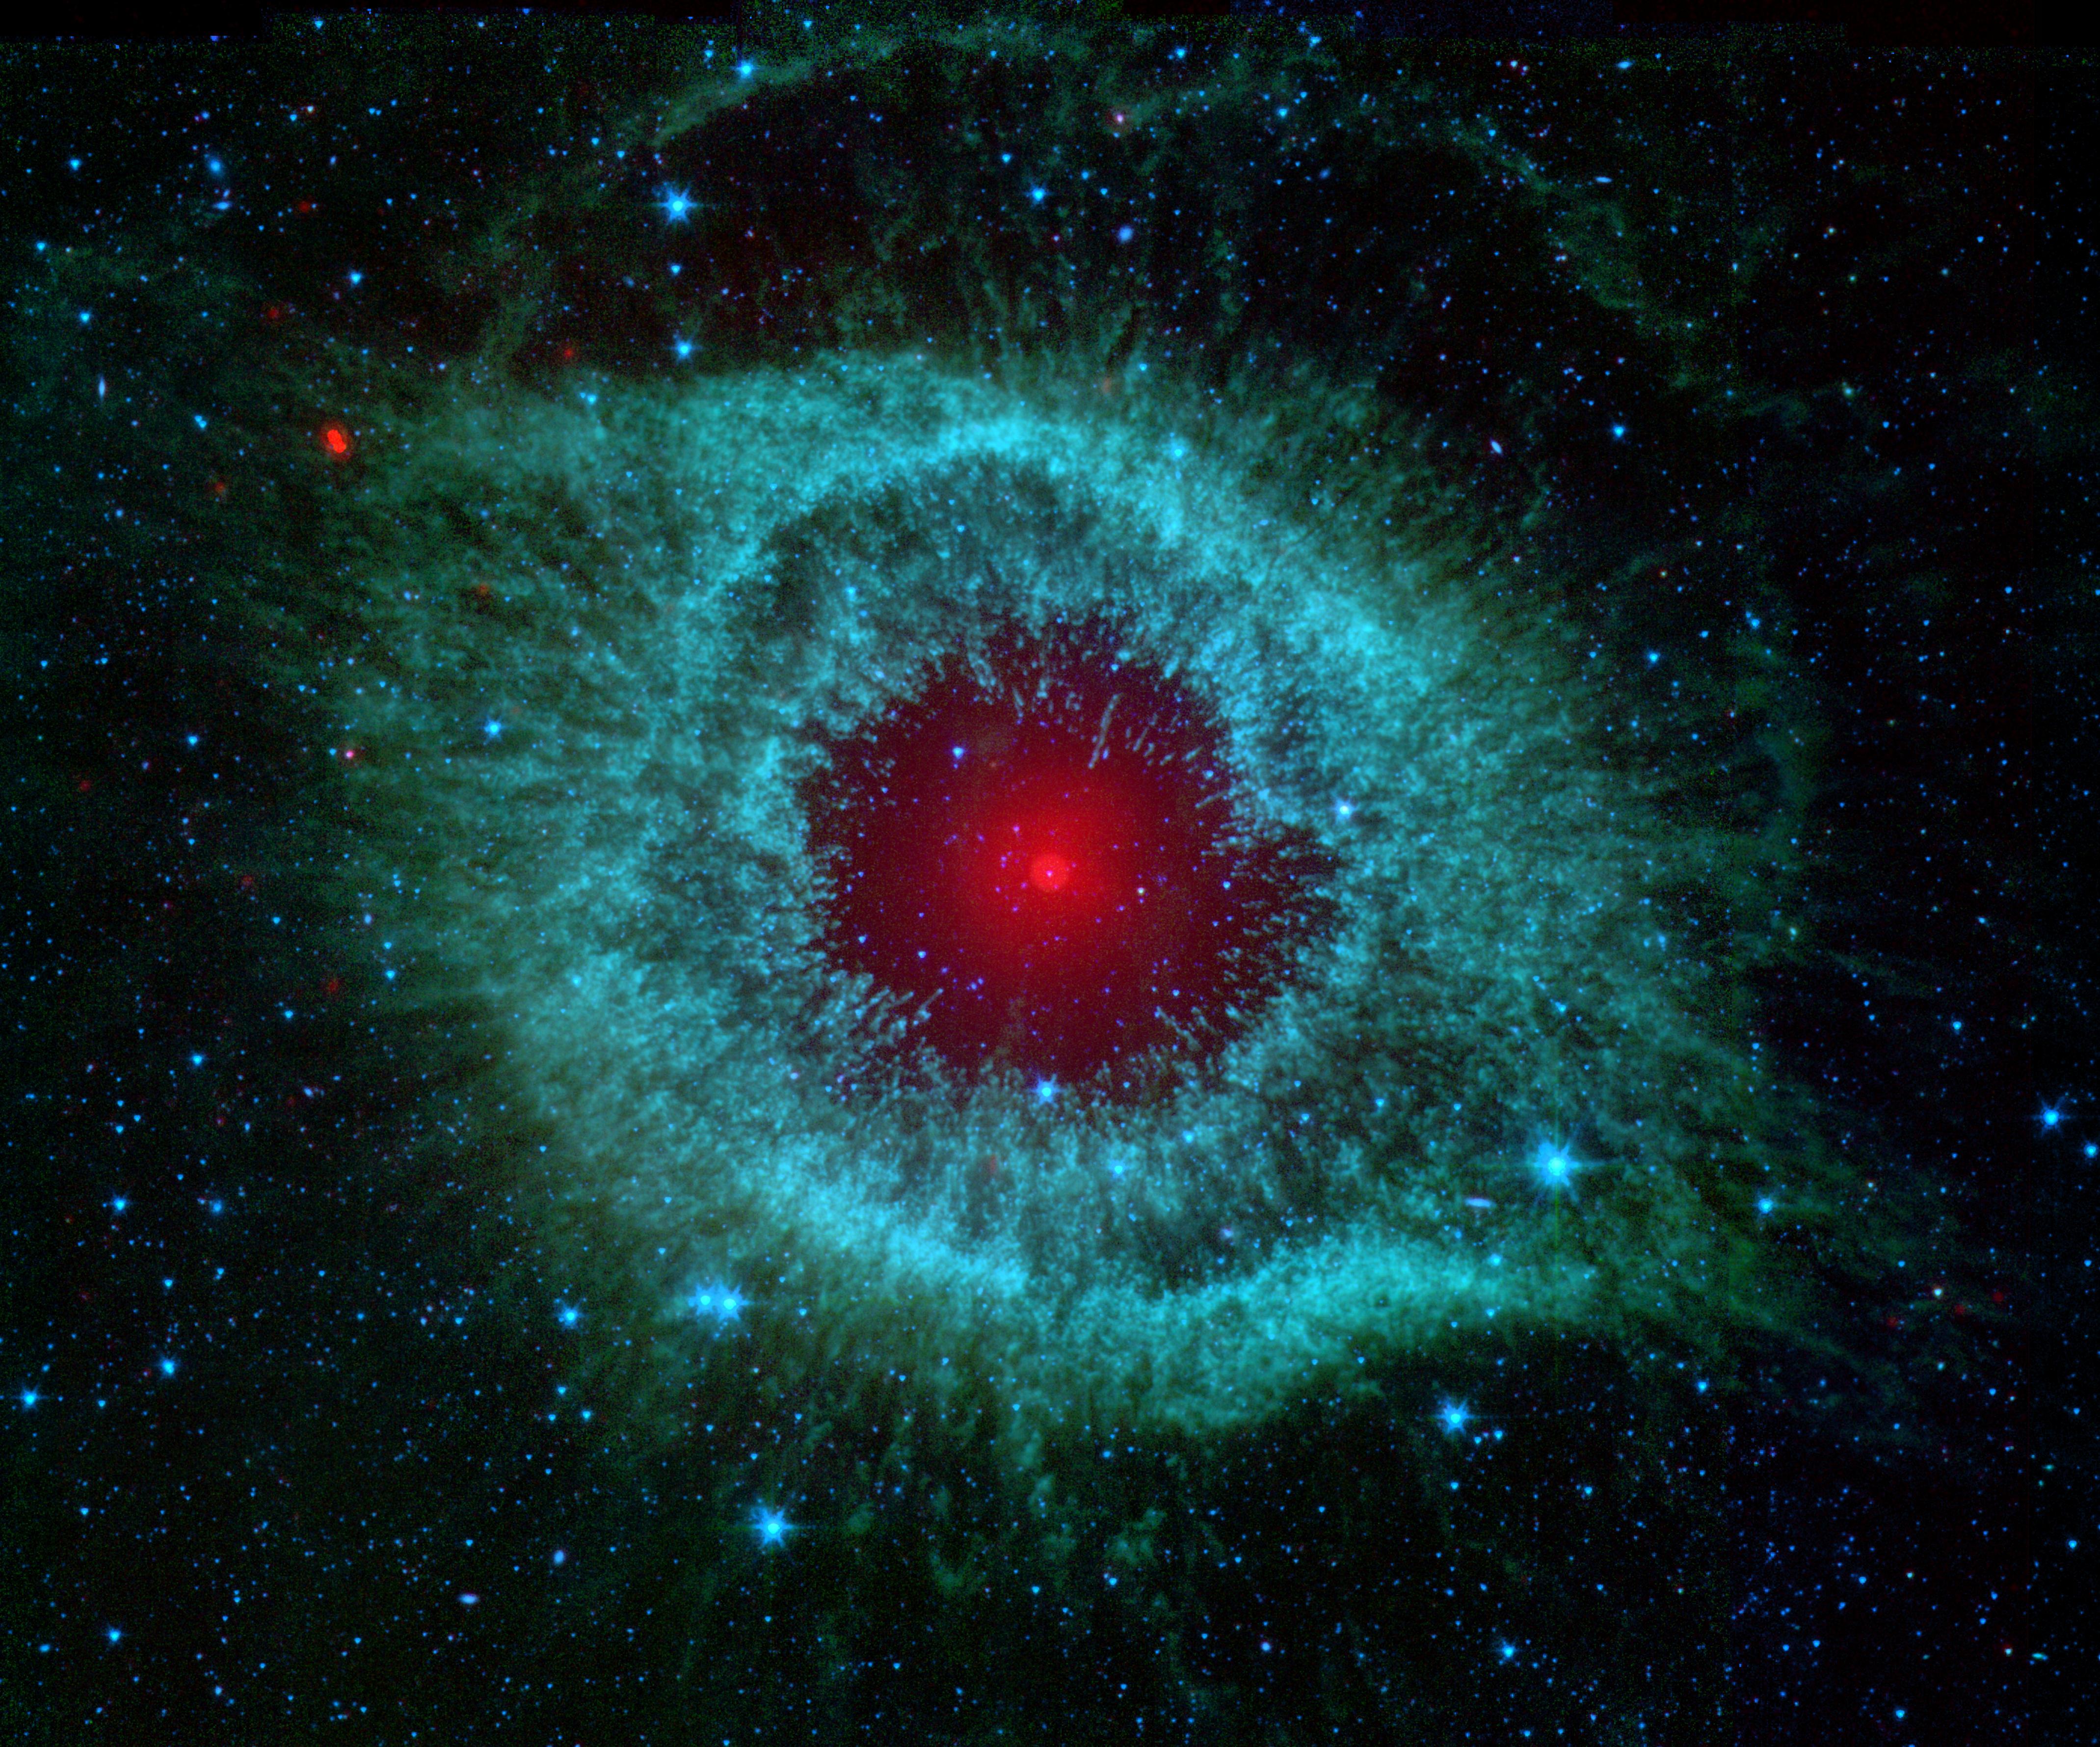 Hd Nebula Nasa - Pics about space